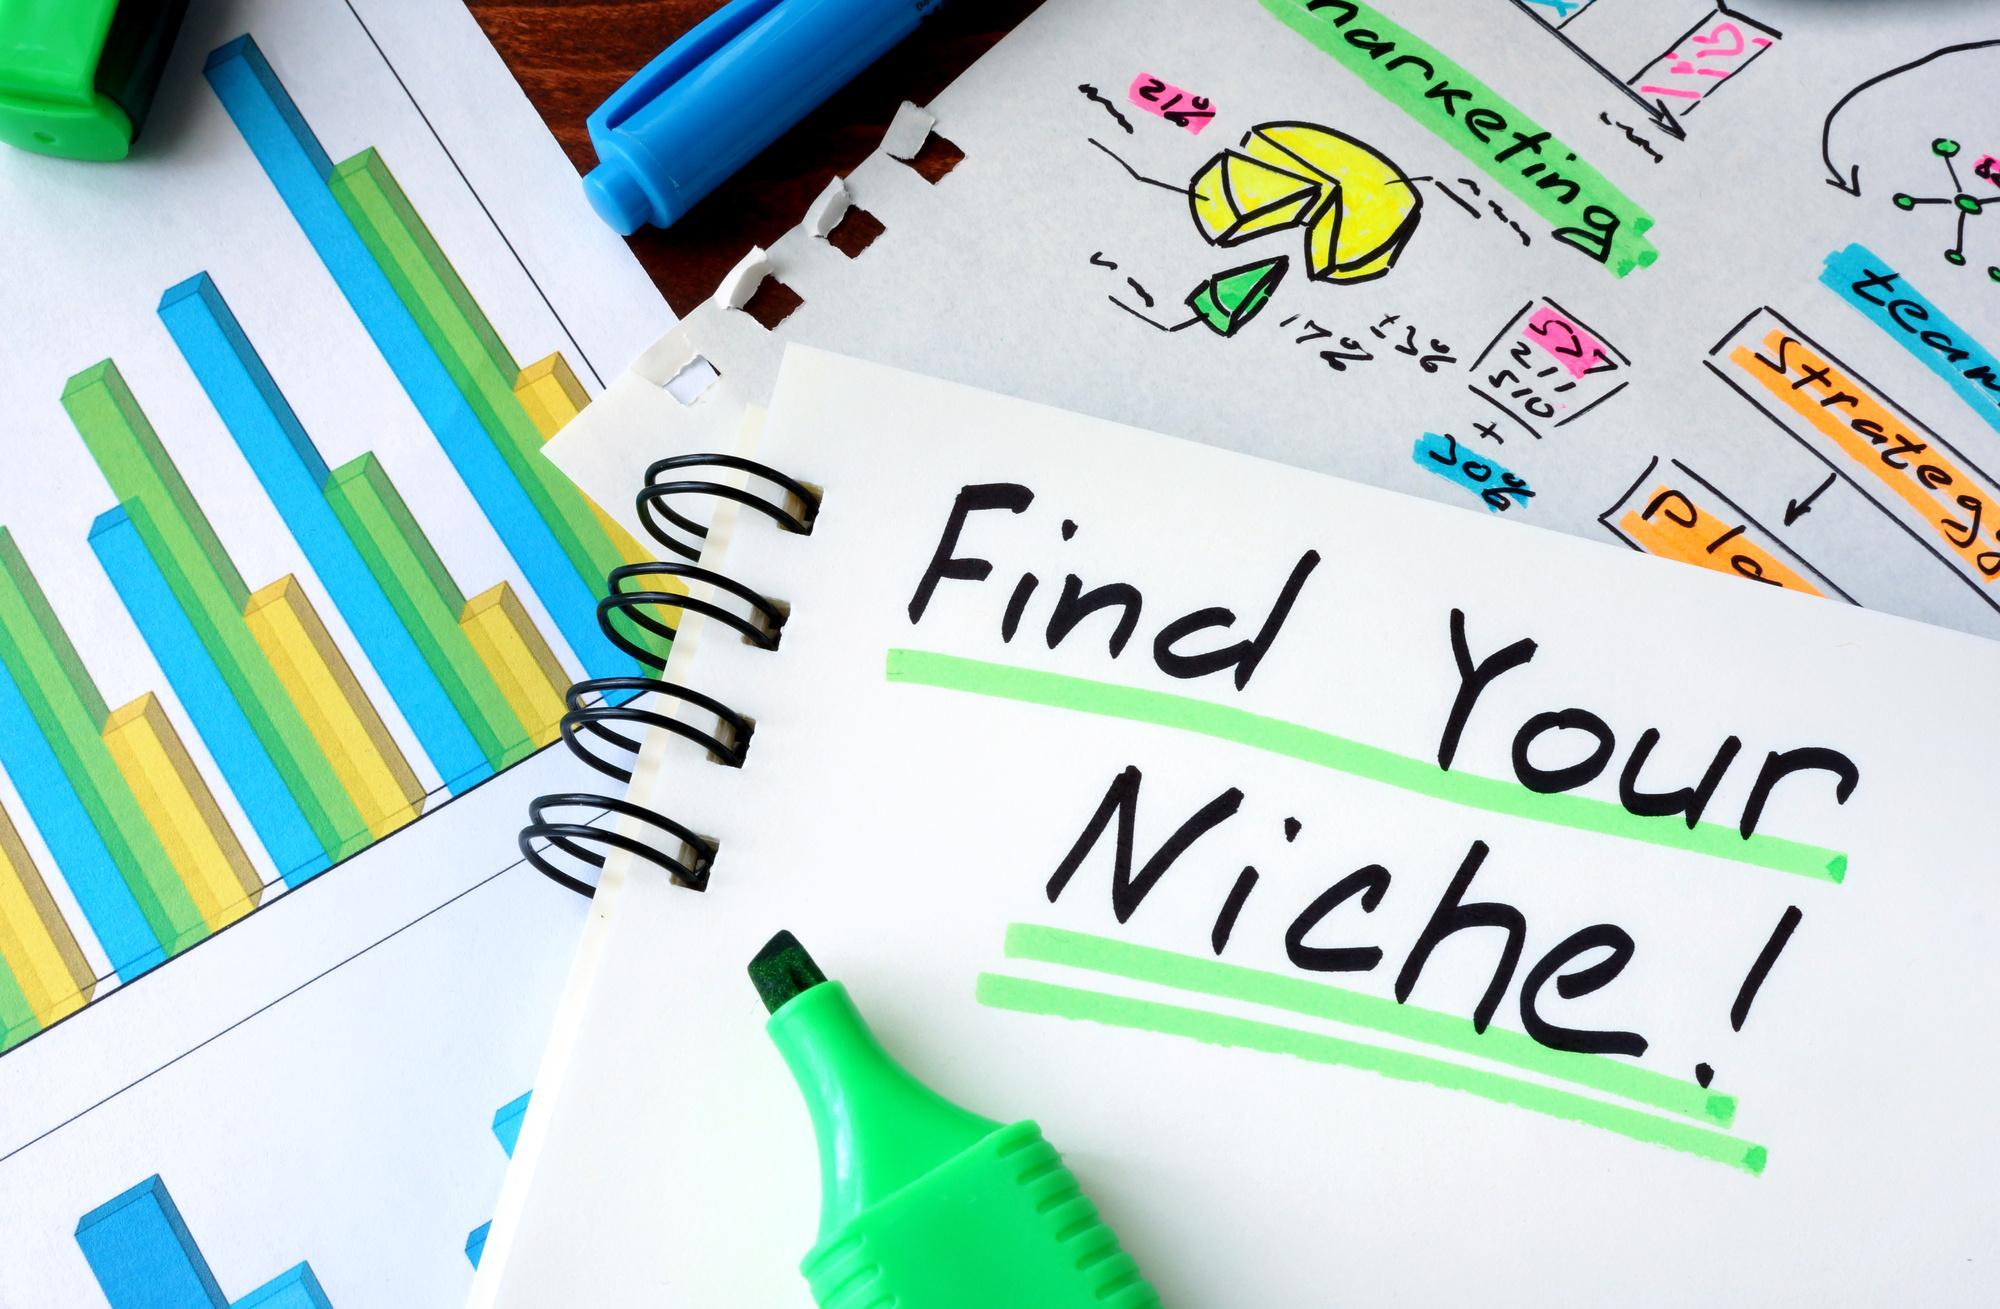 Digital Marketing Niche Business